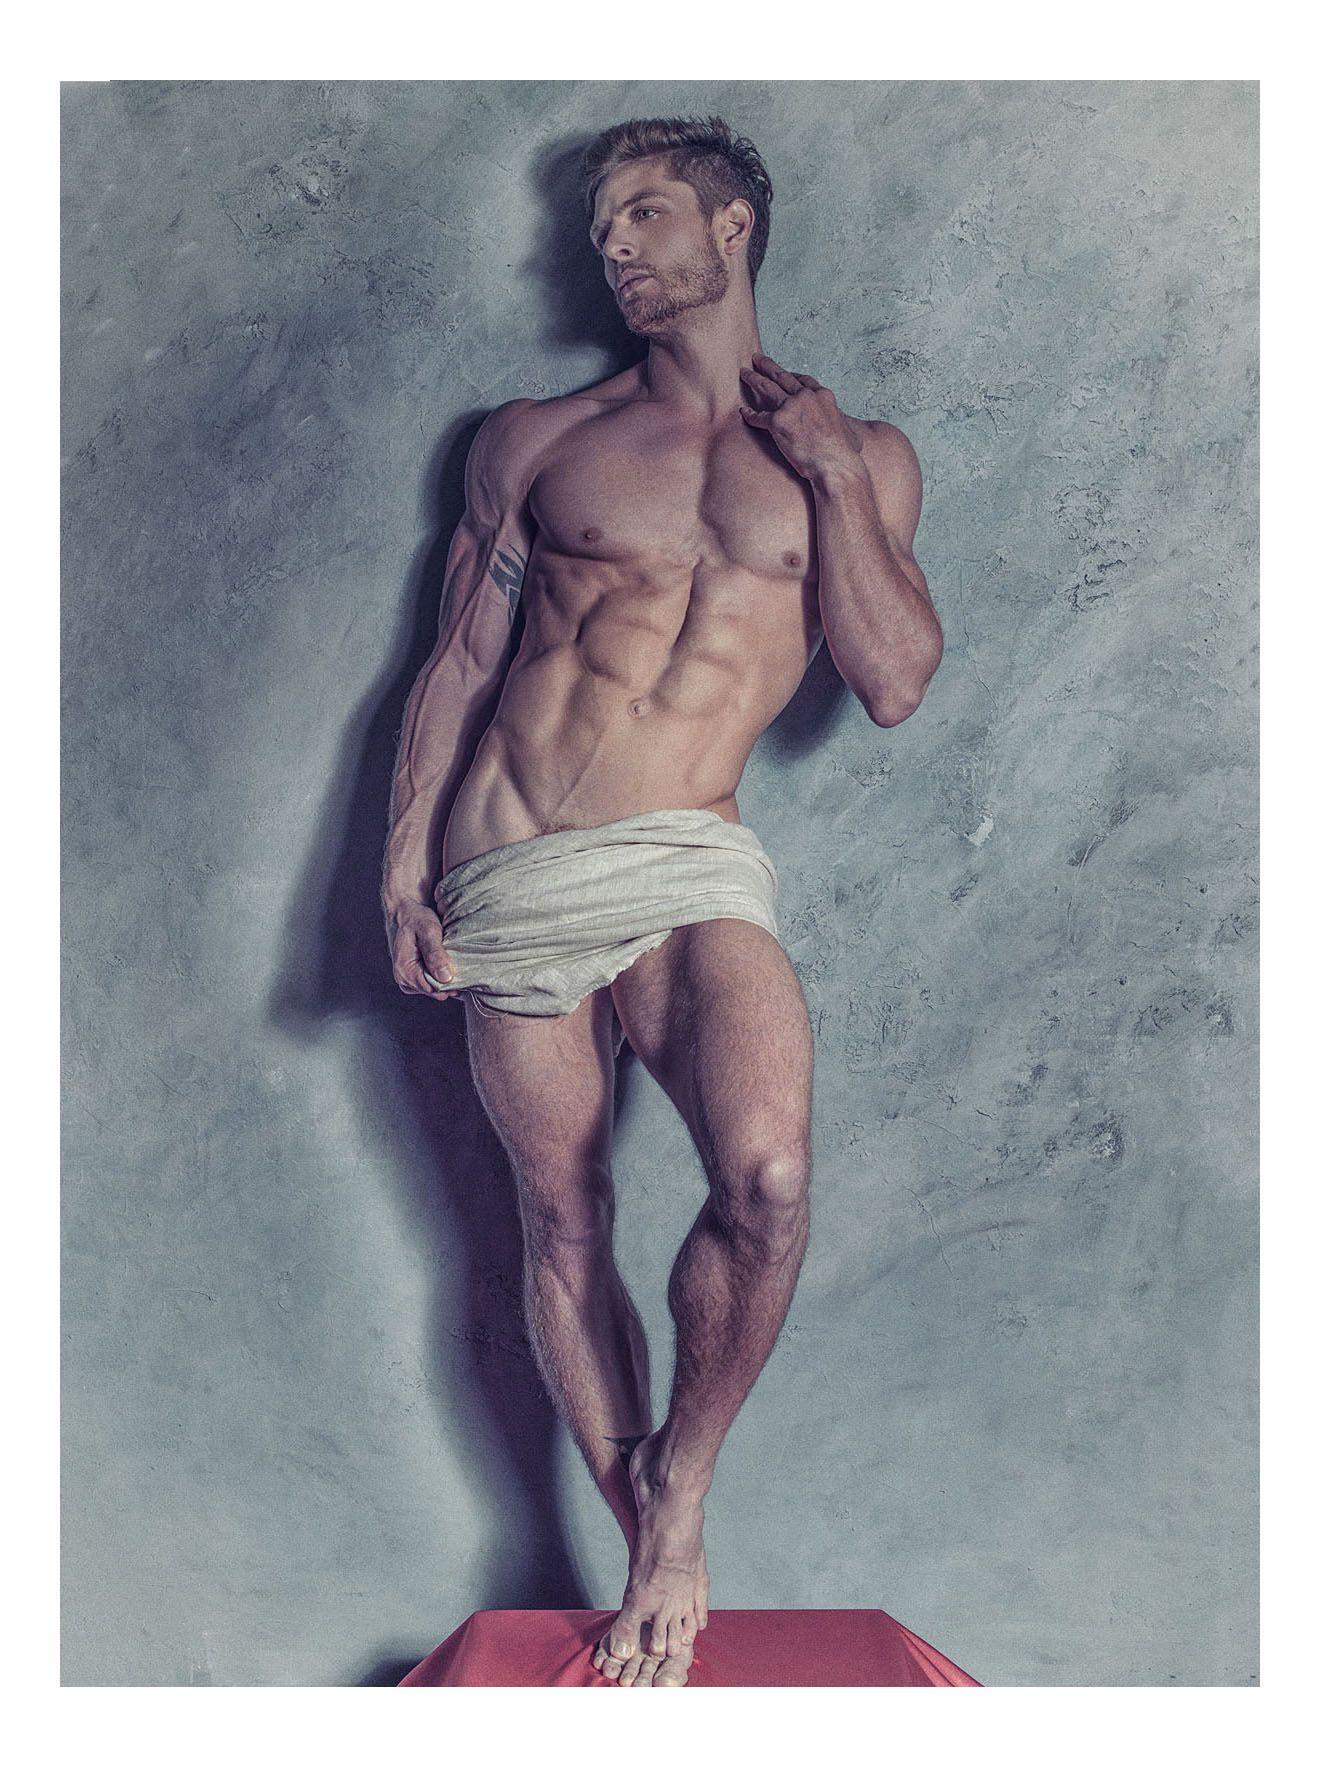 Troy former marine gay